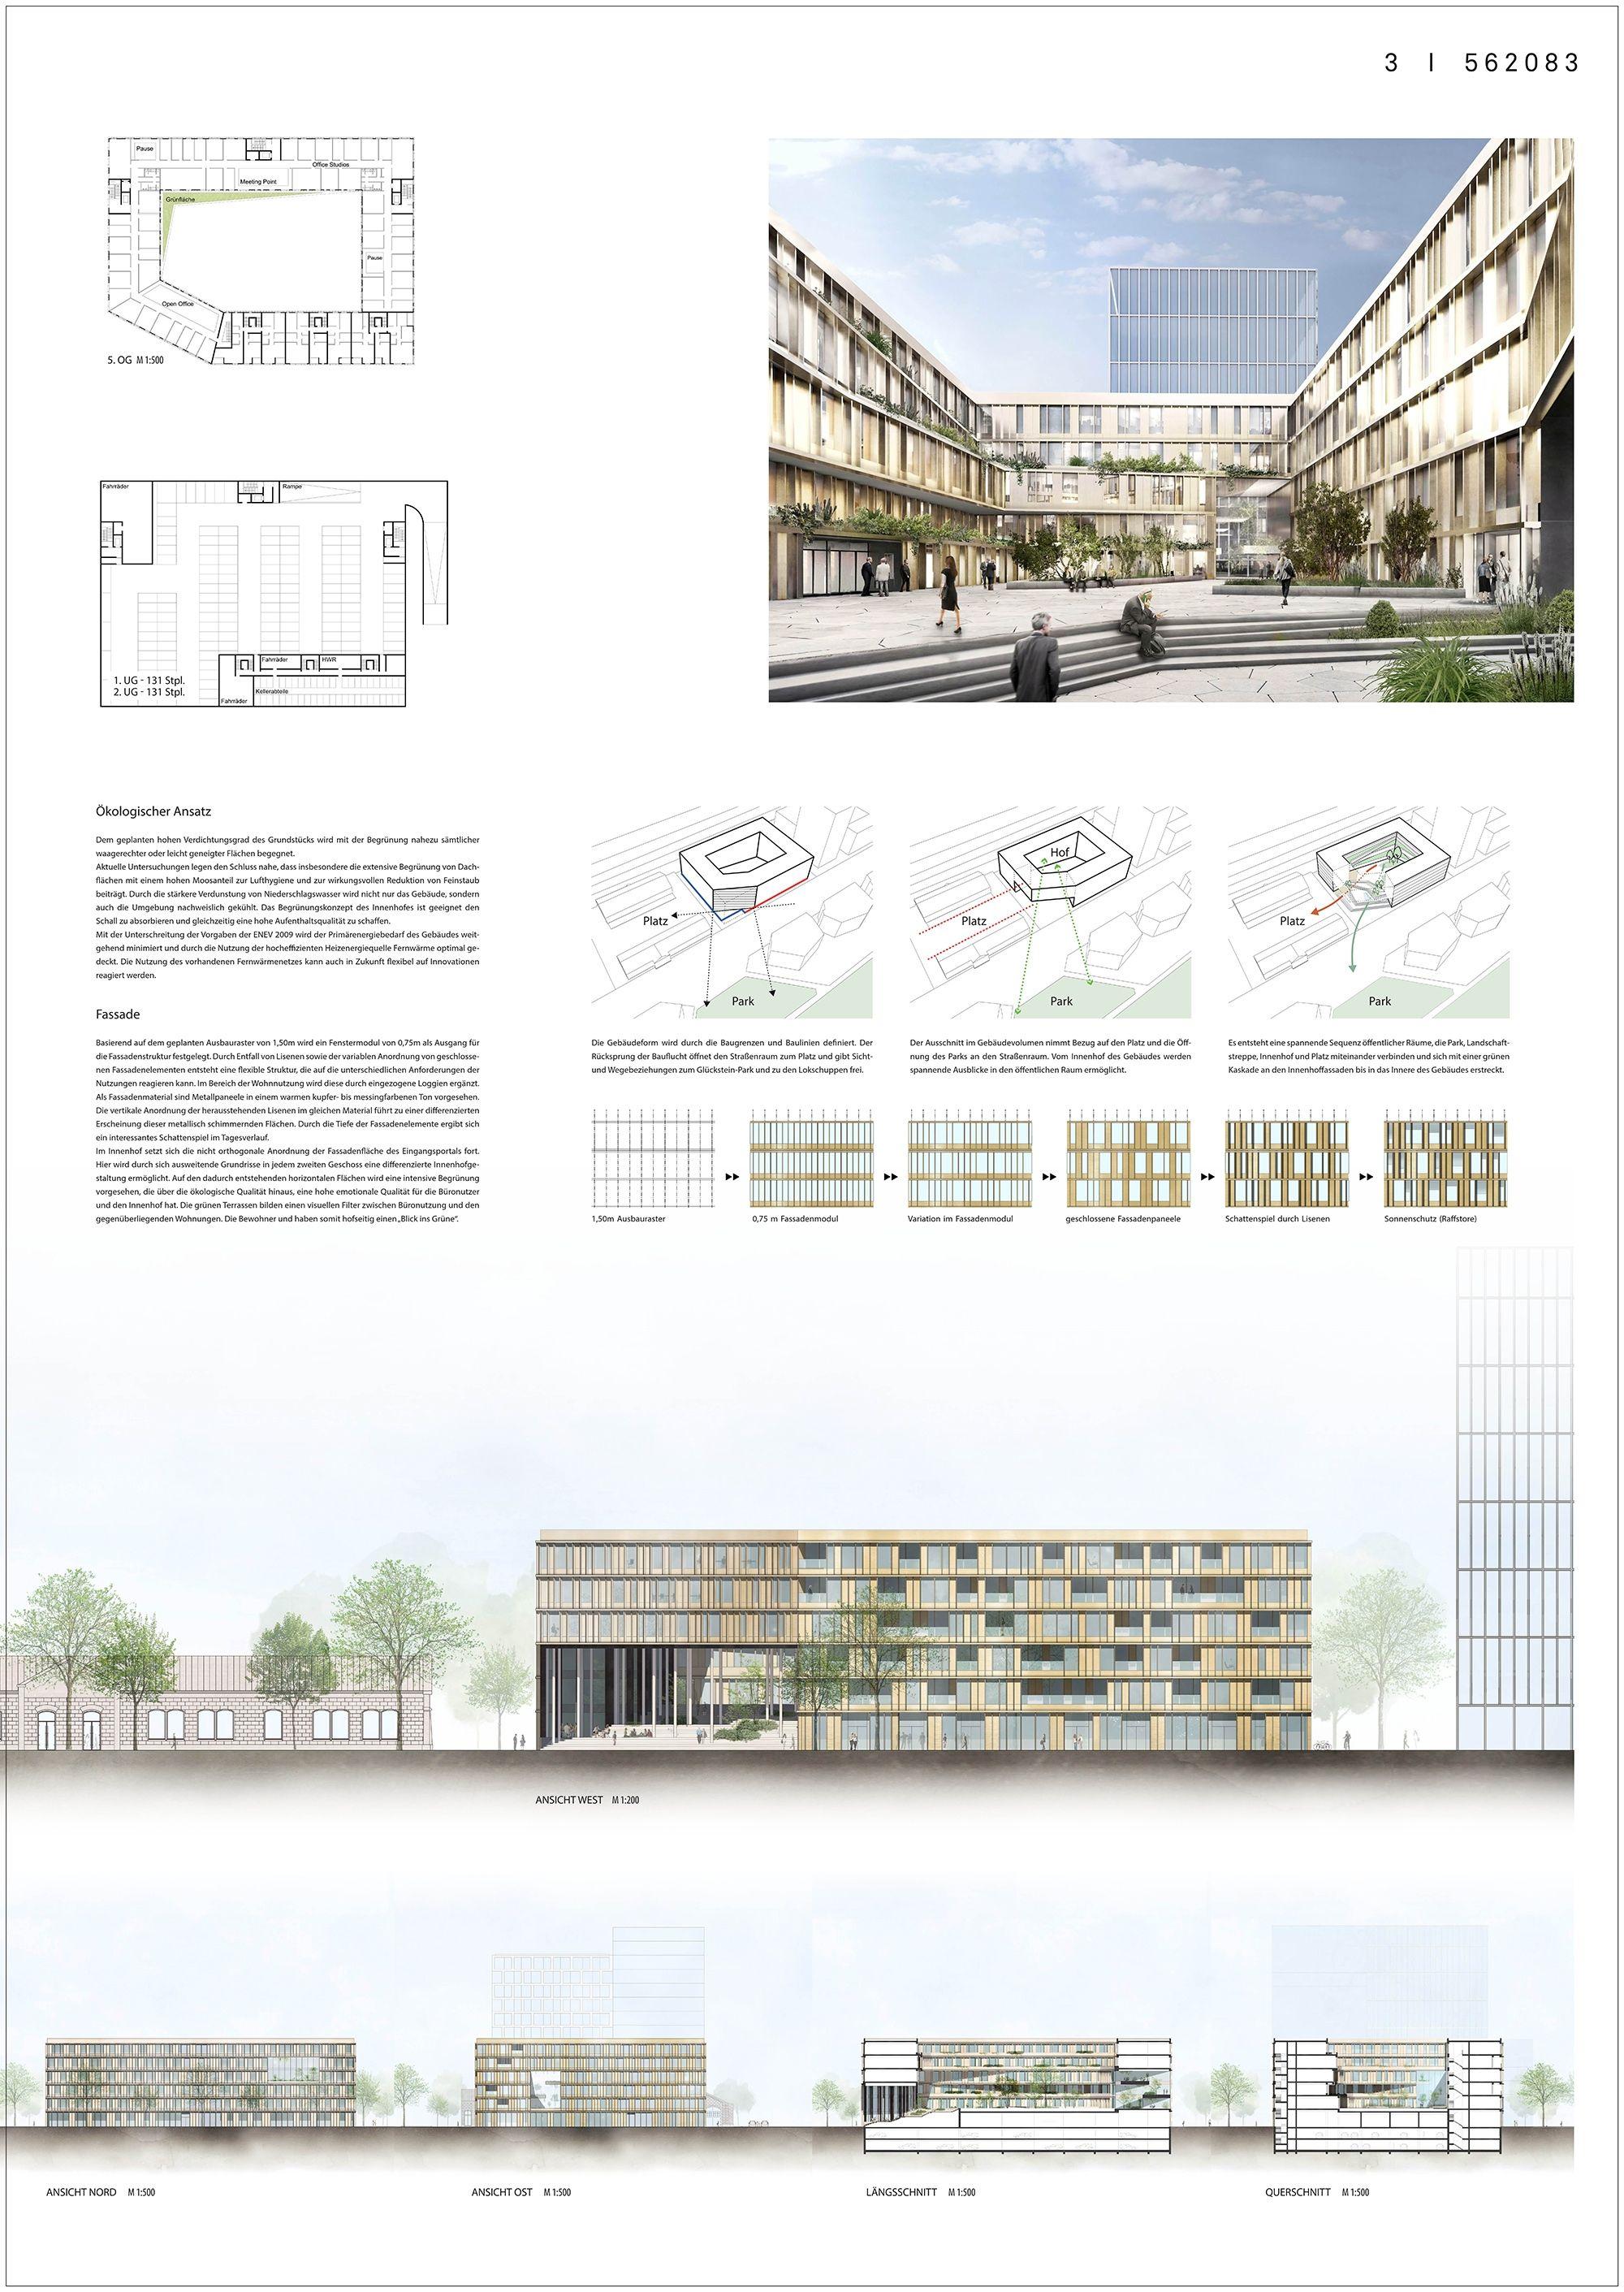 Ergebnis: Glücksteinquartier Baufeld 3 in Mannheim...competitionline #architektonischepräsentation